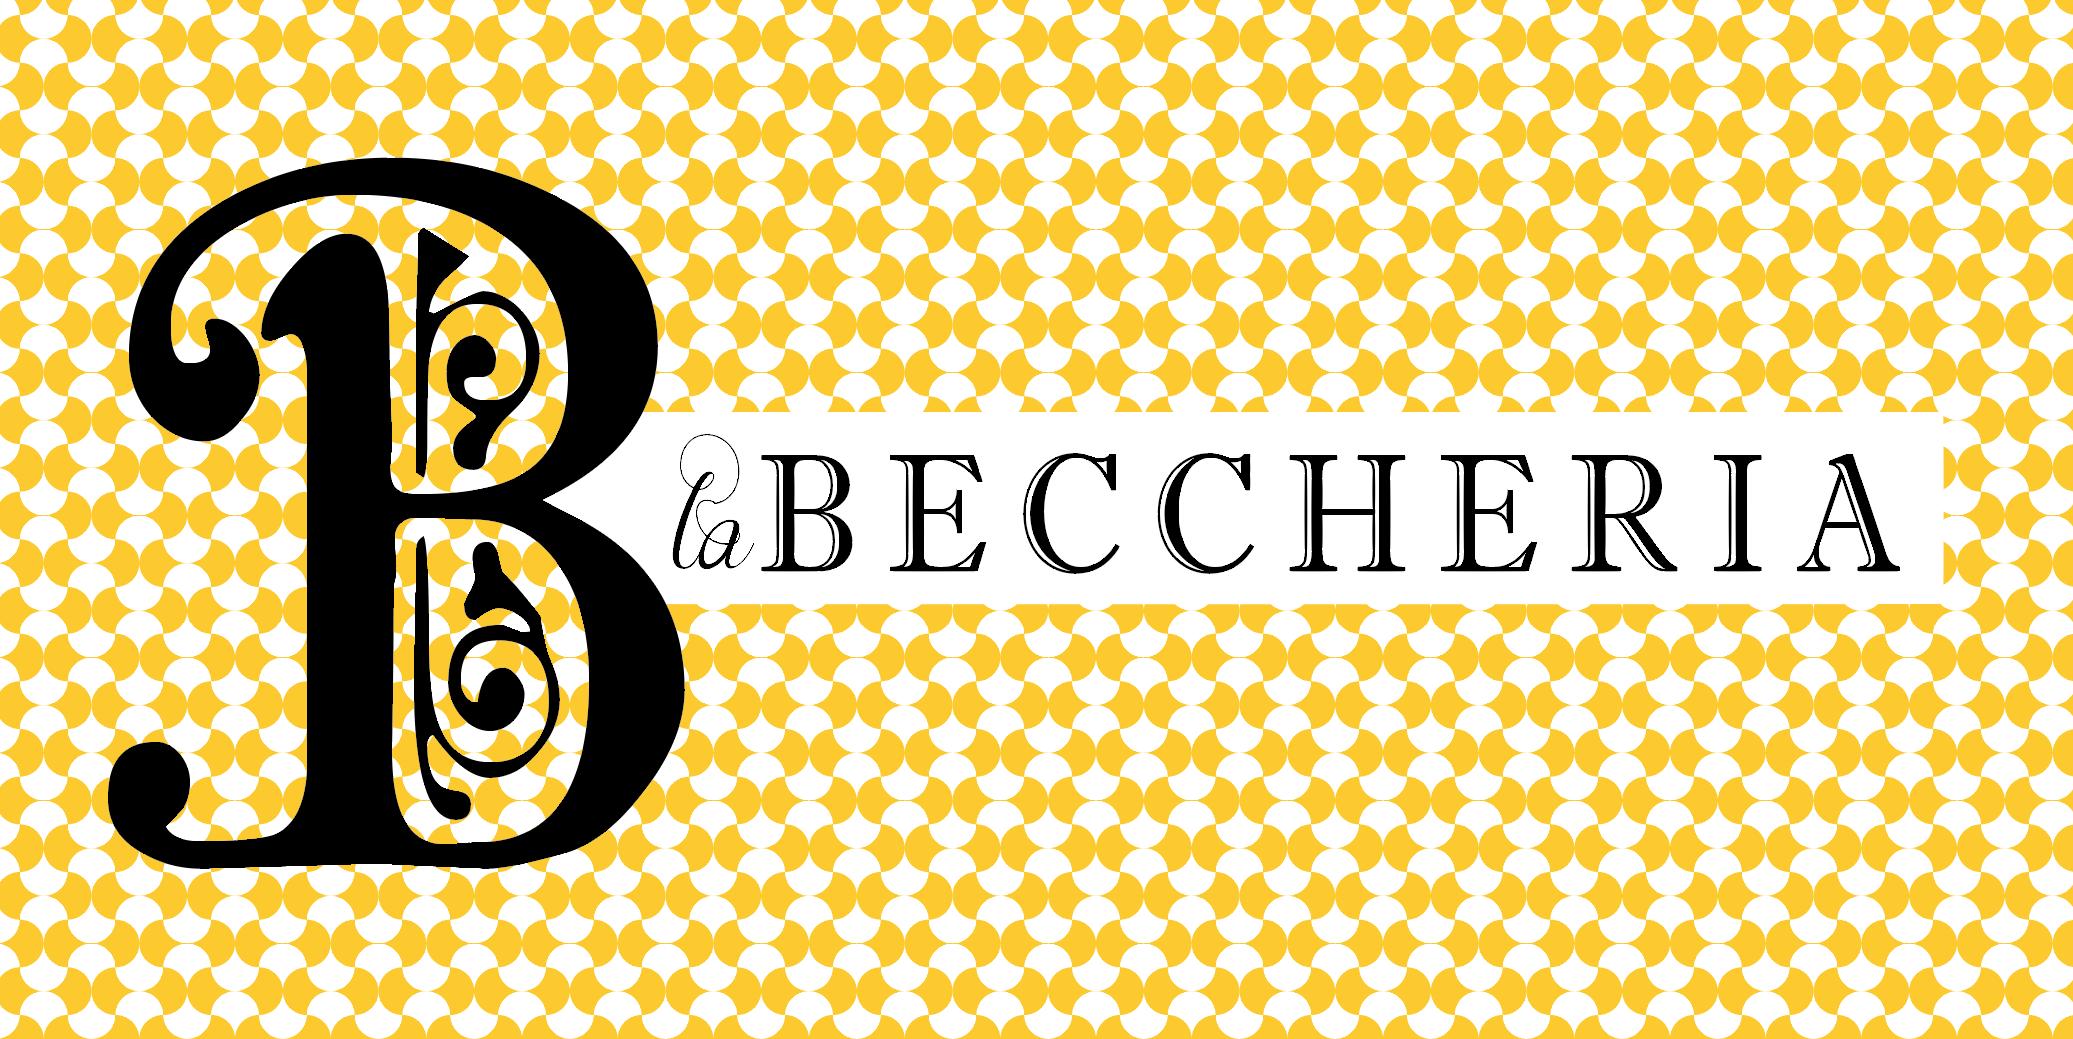 progettazione logotipo e insegna